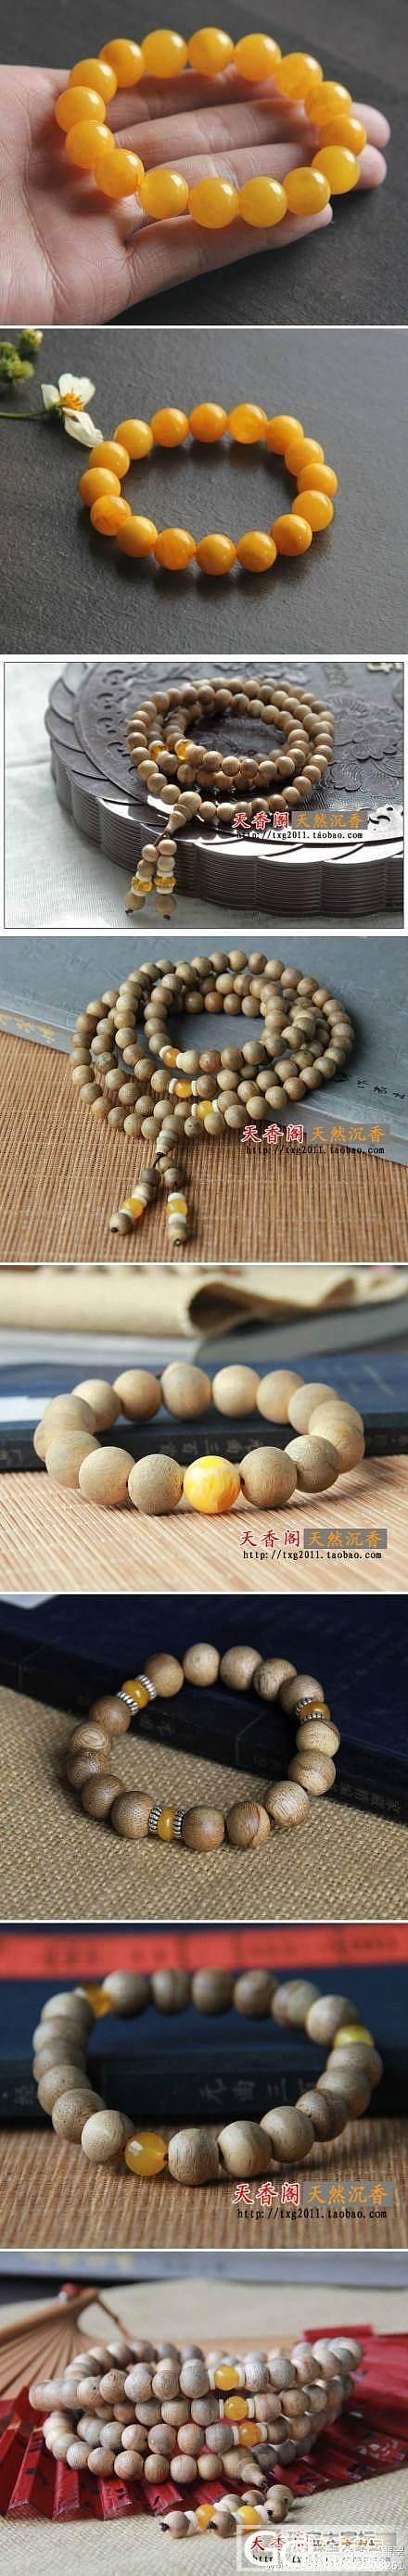 【北辰珠宝】纯天然 波罗的海 老蜜蜡 鸡油黄 蜜蜡手串 11.5MM 16颗_翡翠